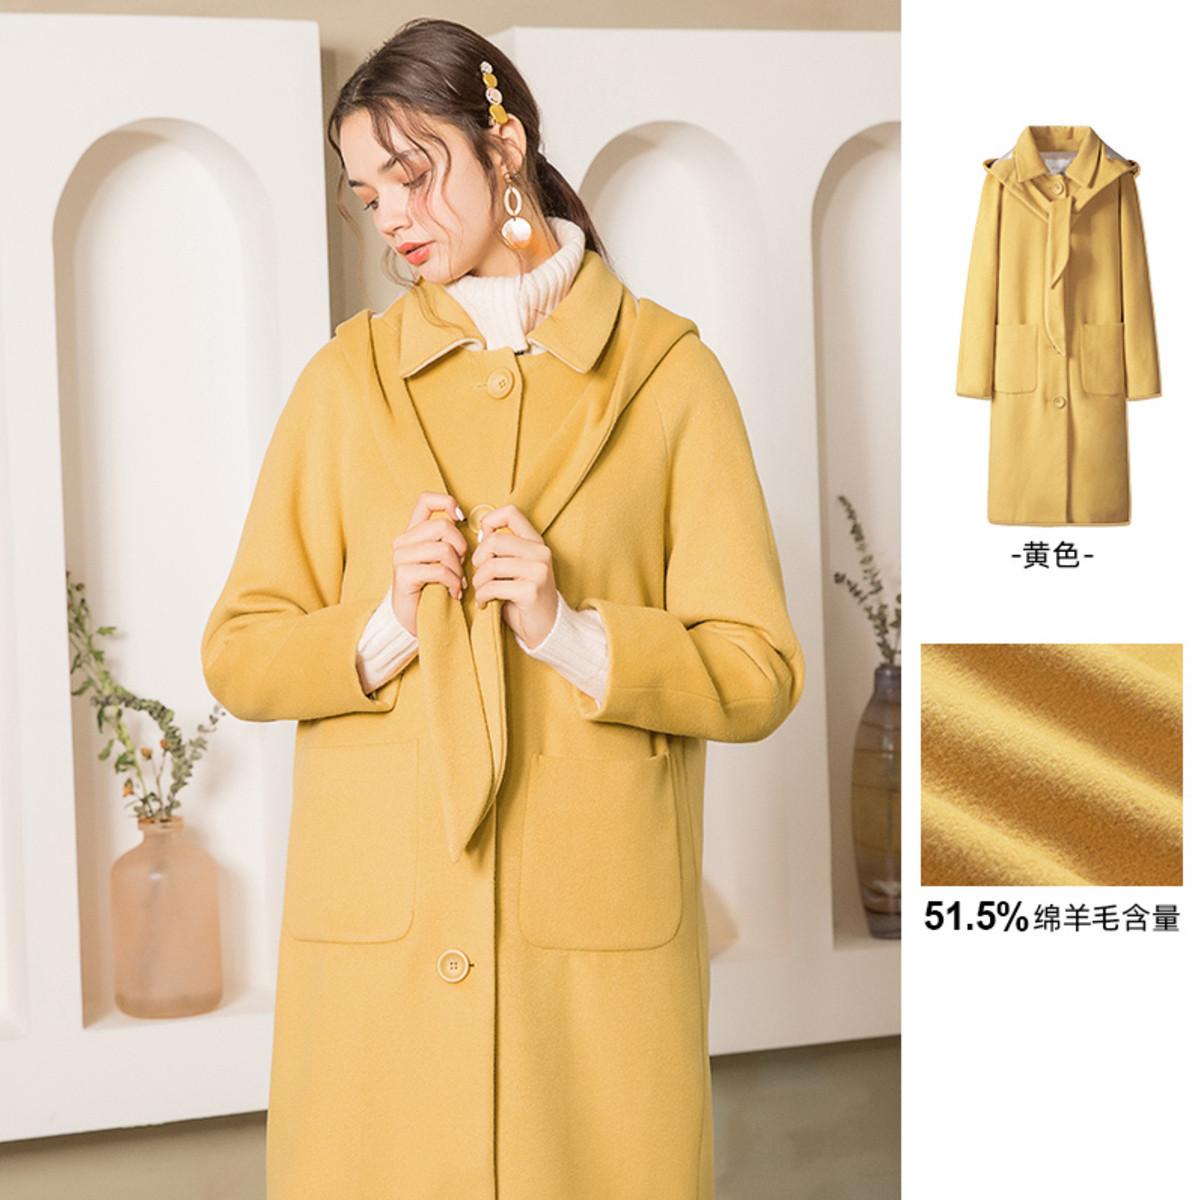 拉谷谷冬季时尚连帽长款插肩袖大衣女黄色甜美长袖外套ICDD339B06K2